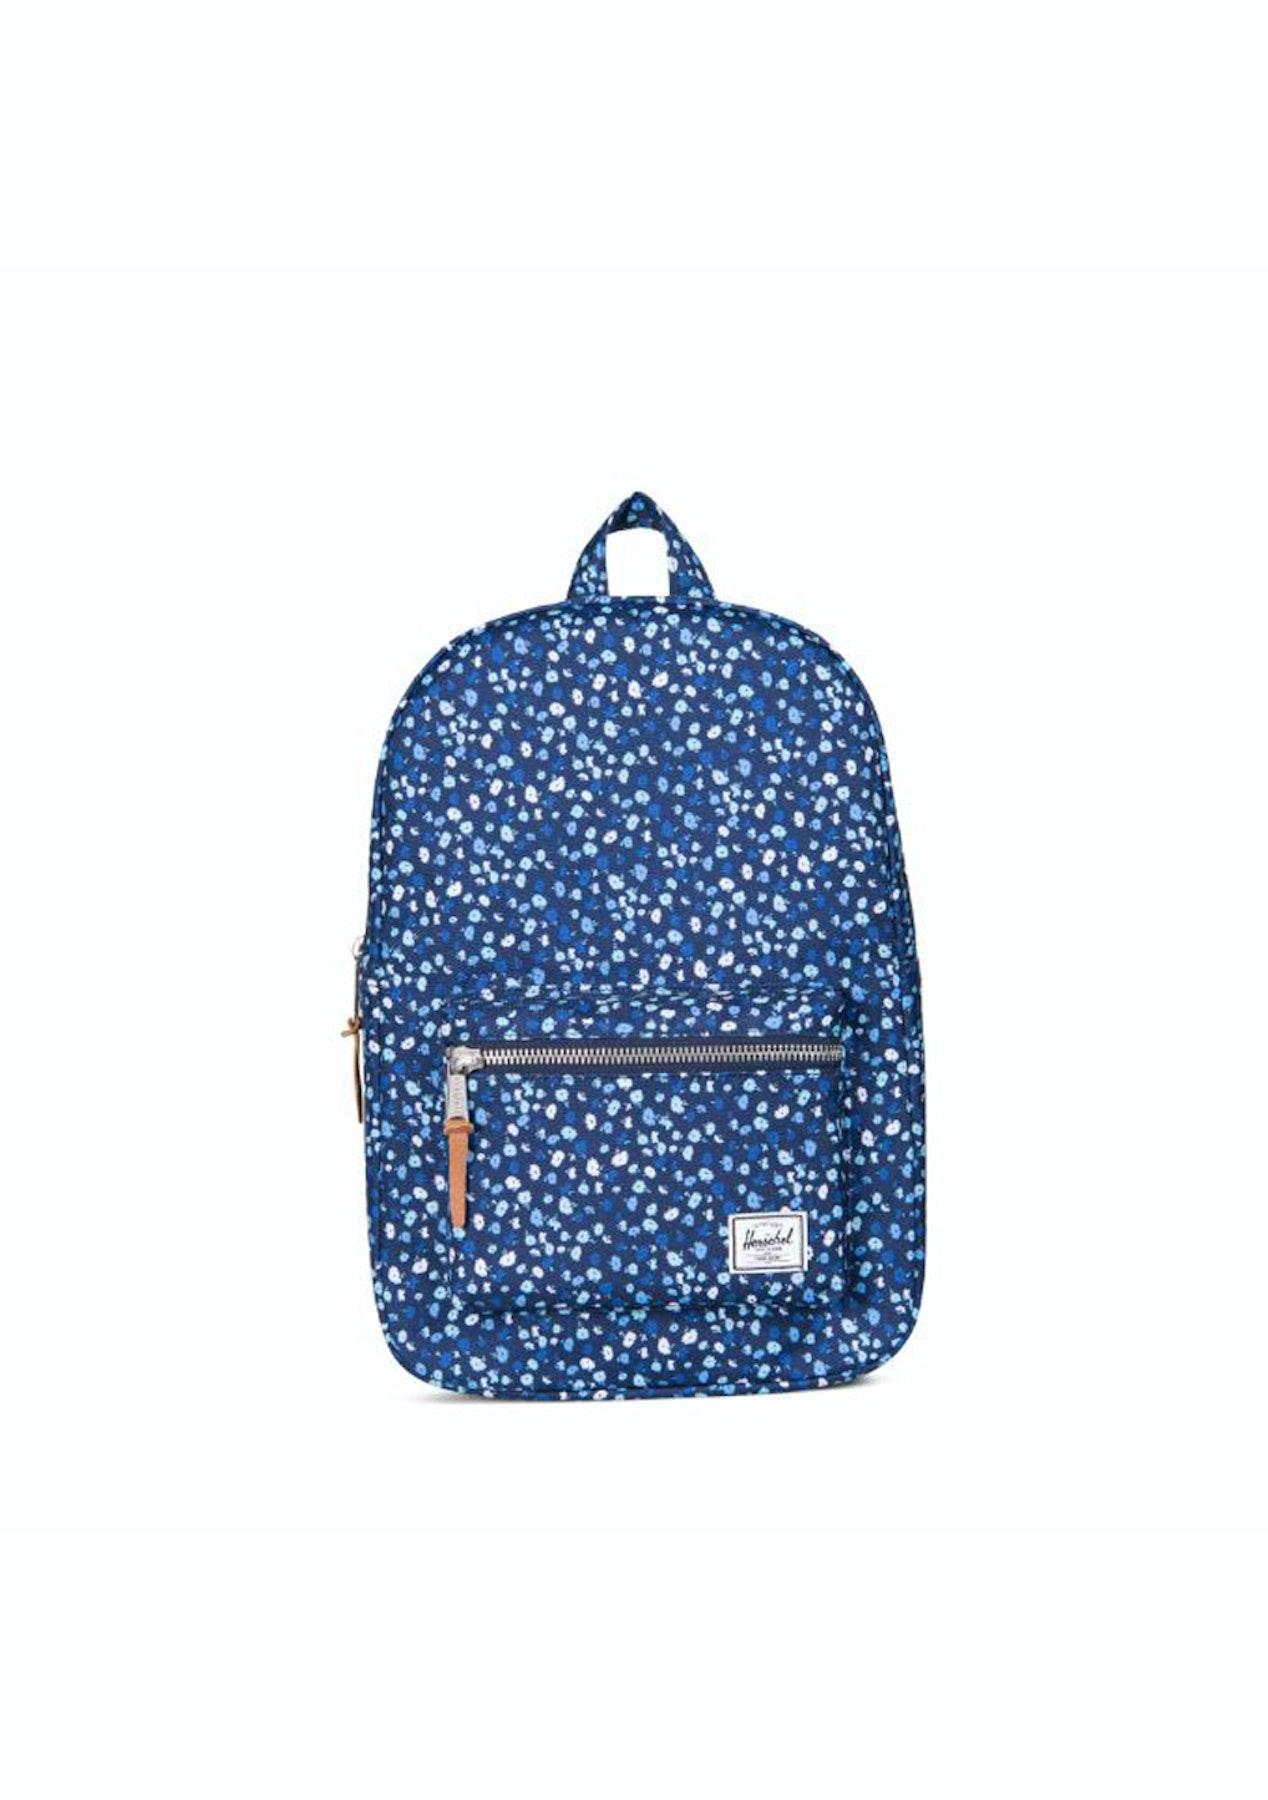 2791607f6c3 Herschel - Settlement Mid-Volume Backpack - Peacoat Mini Floral - 50% Off  Herschel - Onceit